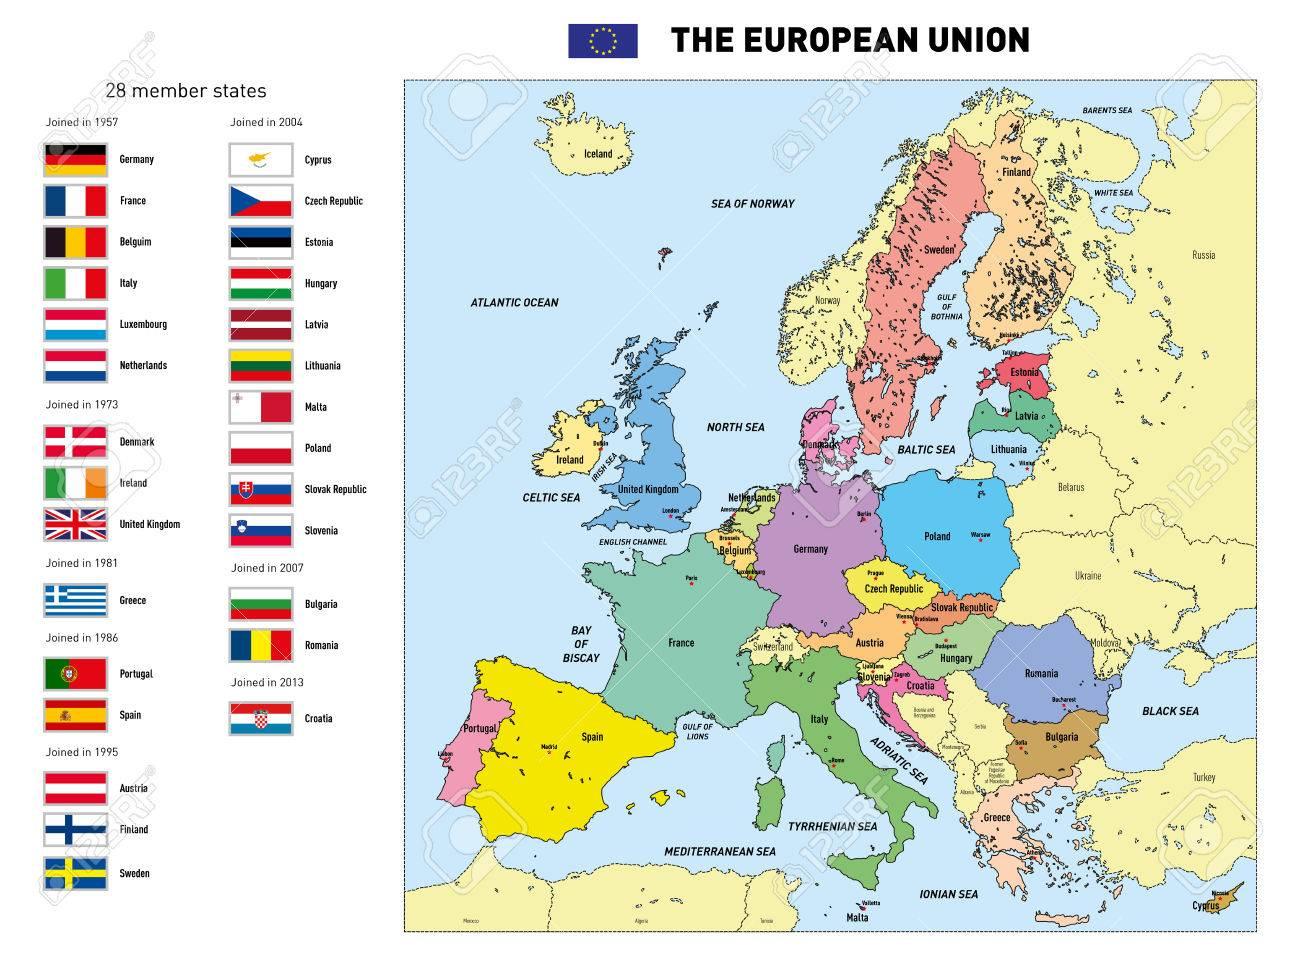 Vector Très Détaillée Carte Politique De L'union Européenne Avec Des  Drapeaux Et Capitales. Tous Les Éléments Sont Séparés Dans Des Couches tout Carte D Europe Avec Les Capitales